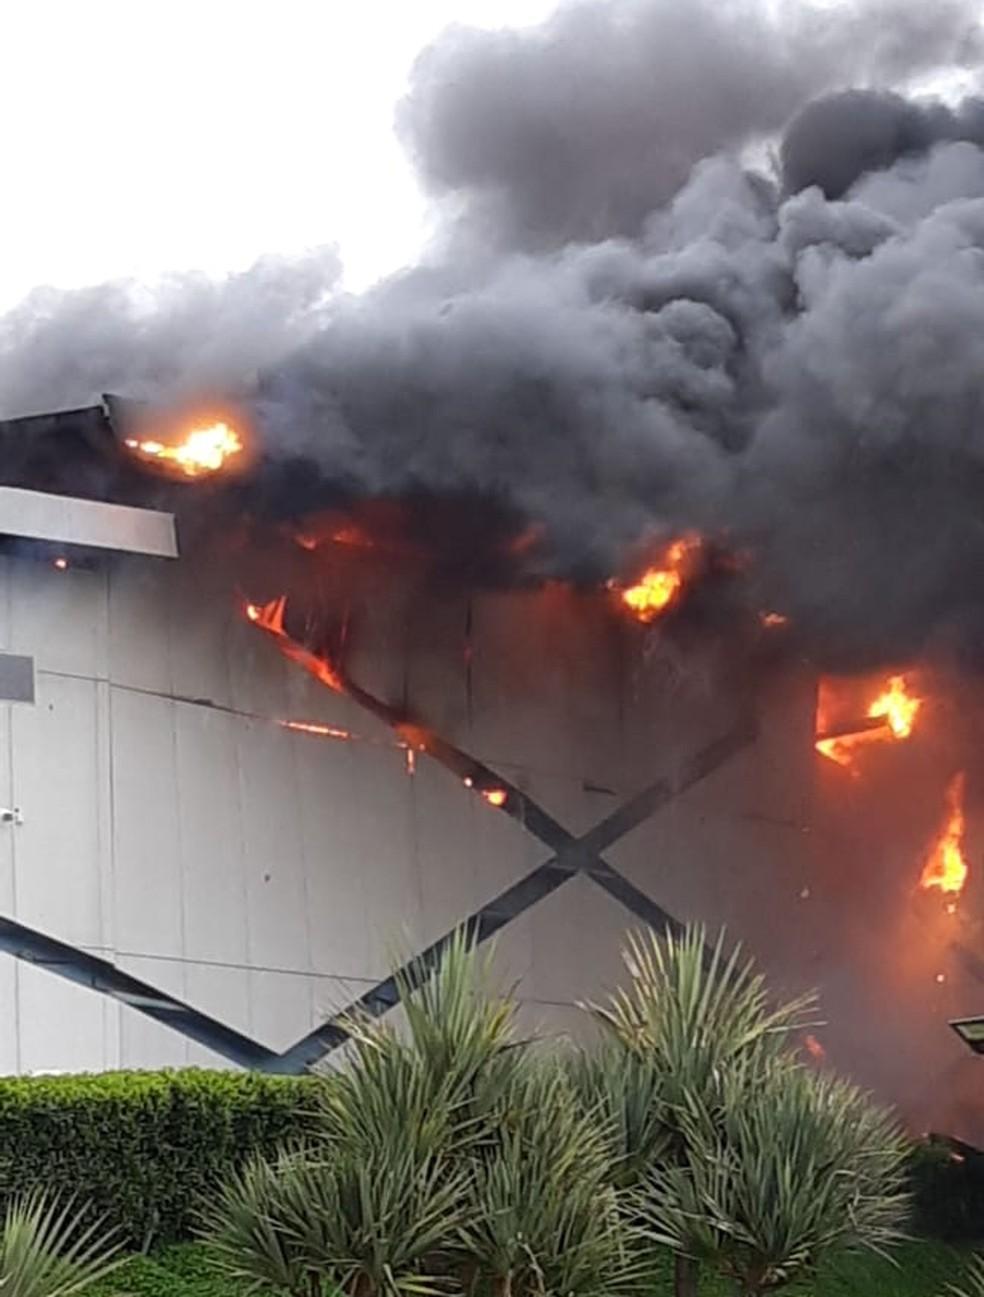 Outlet Premium tem lojas destruídas por incêndio em Itupeva — Foto: Valdeir Marques dos Santos/Arquivo pessoal